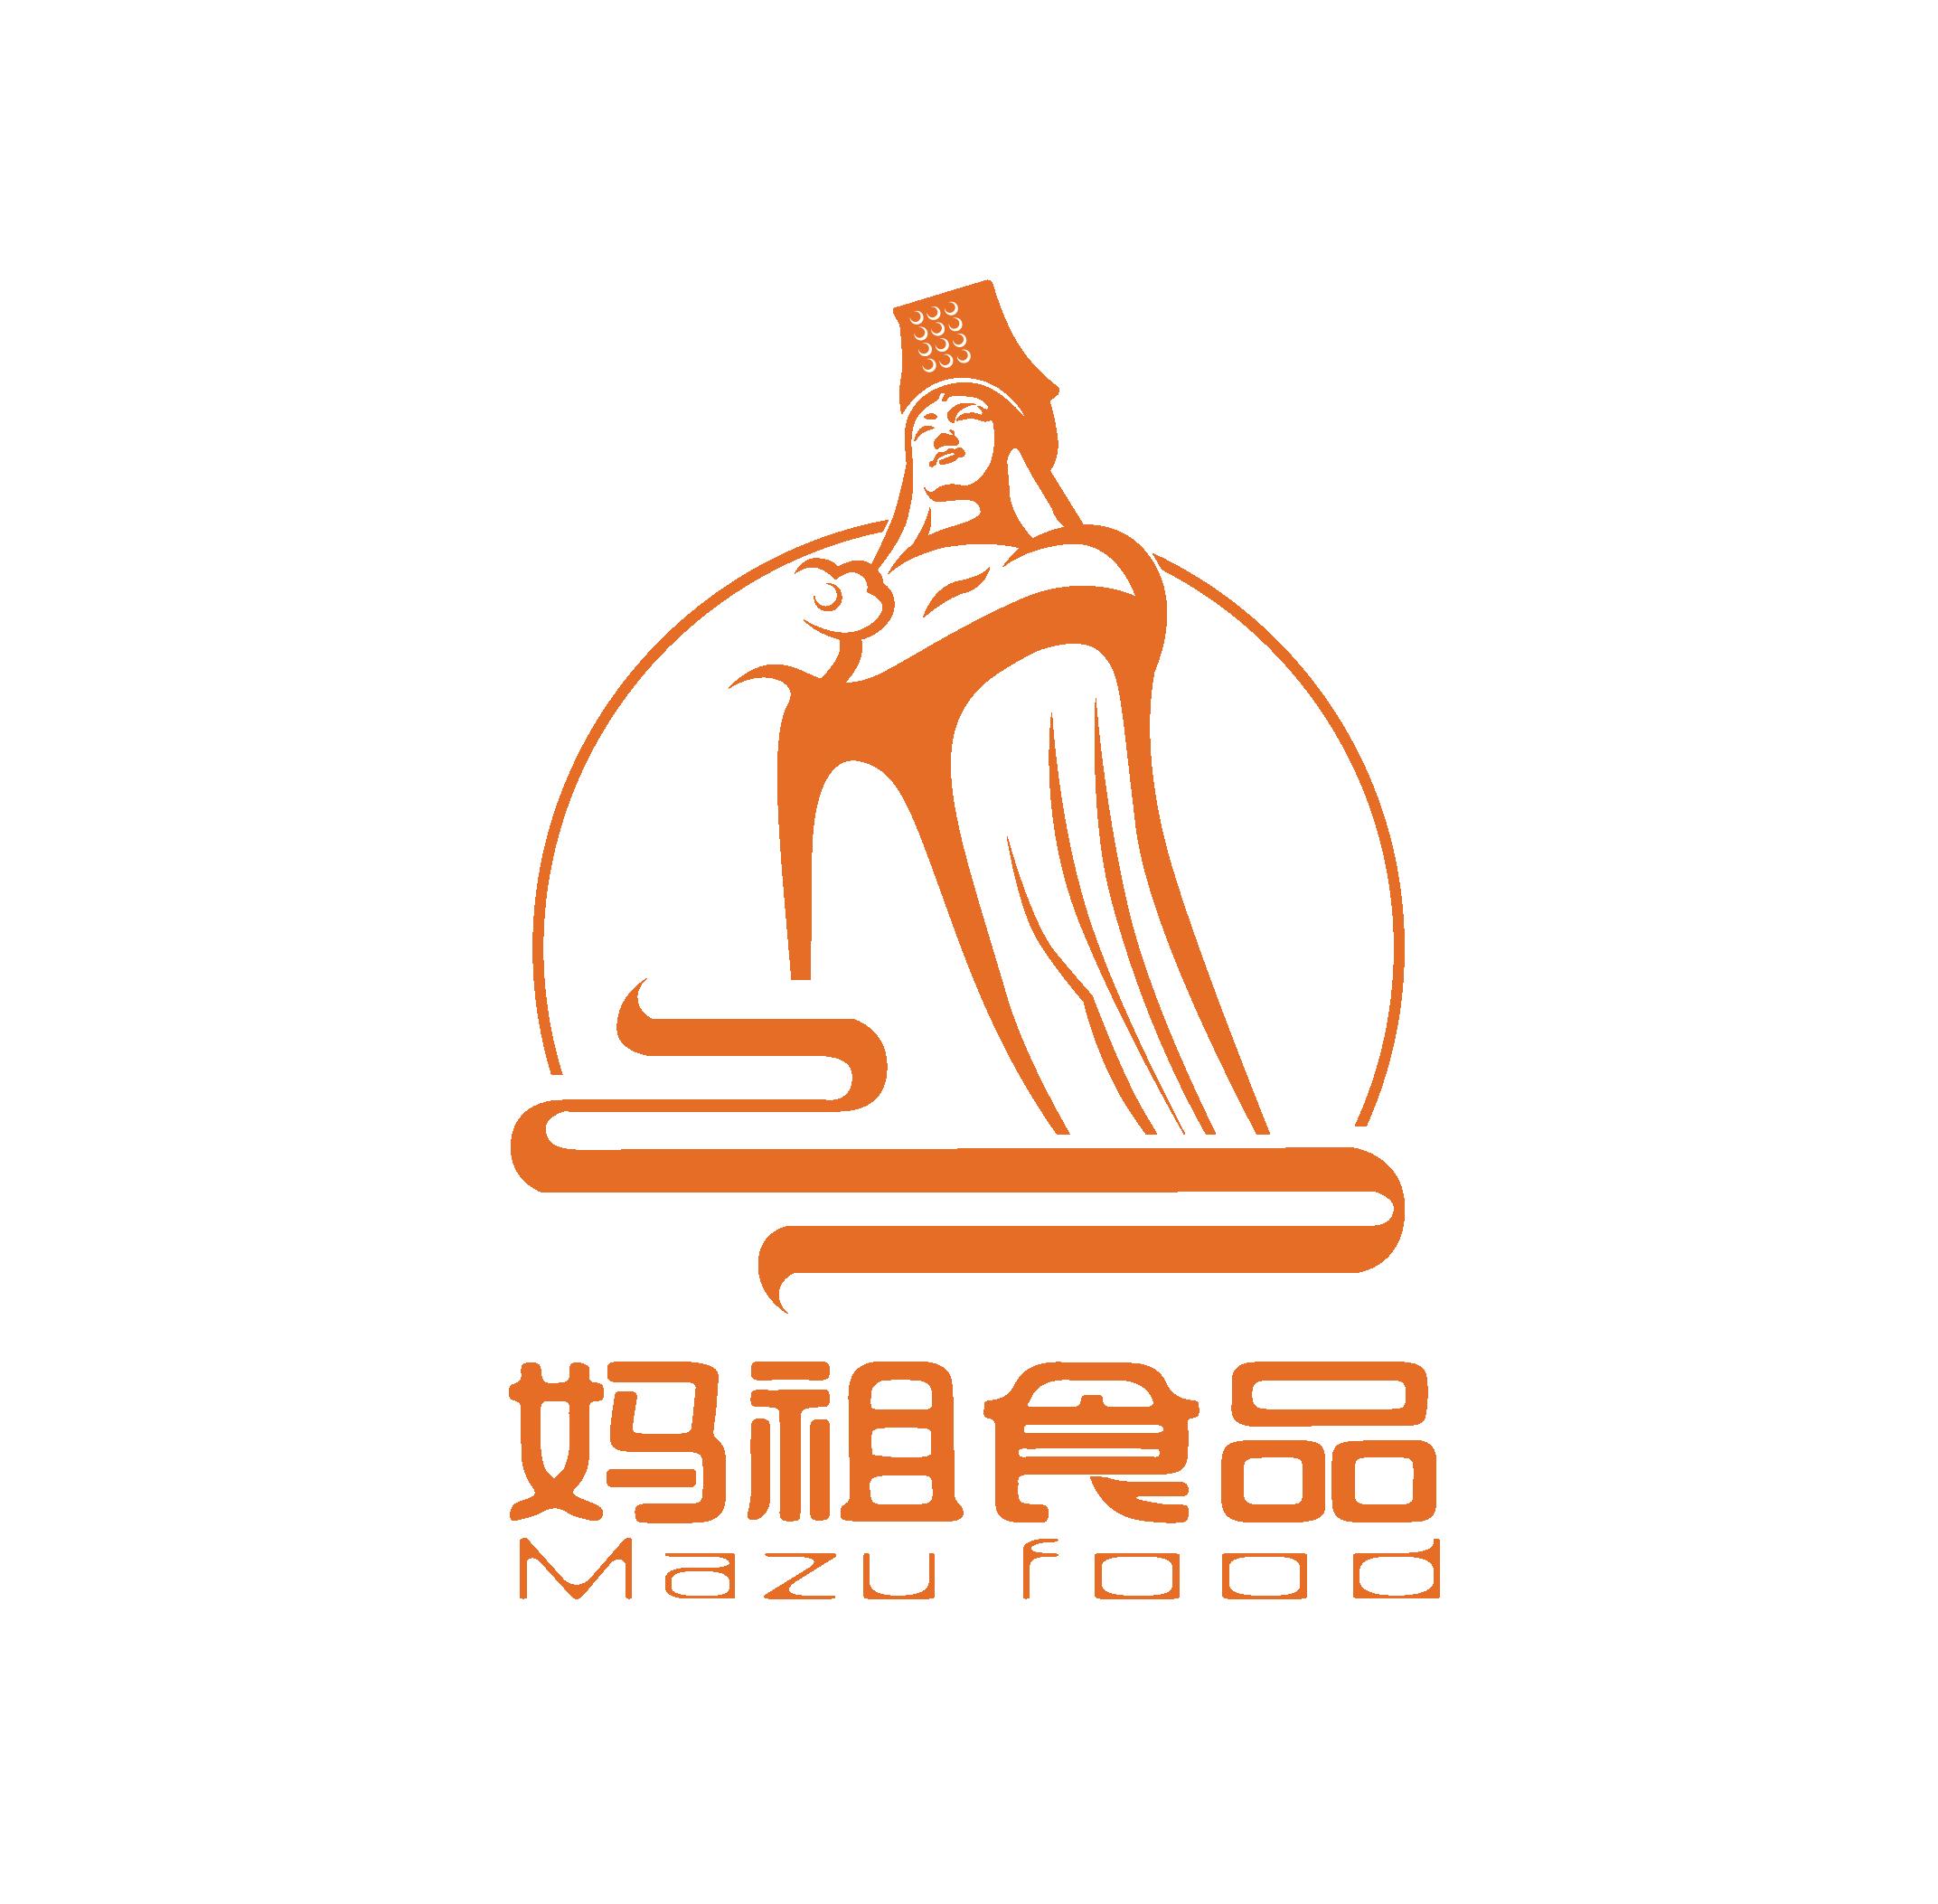 logo logo 标志 设计 矢量 矢量图 素材 图标 2144_2106